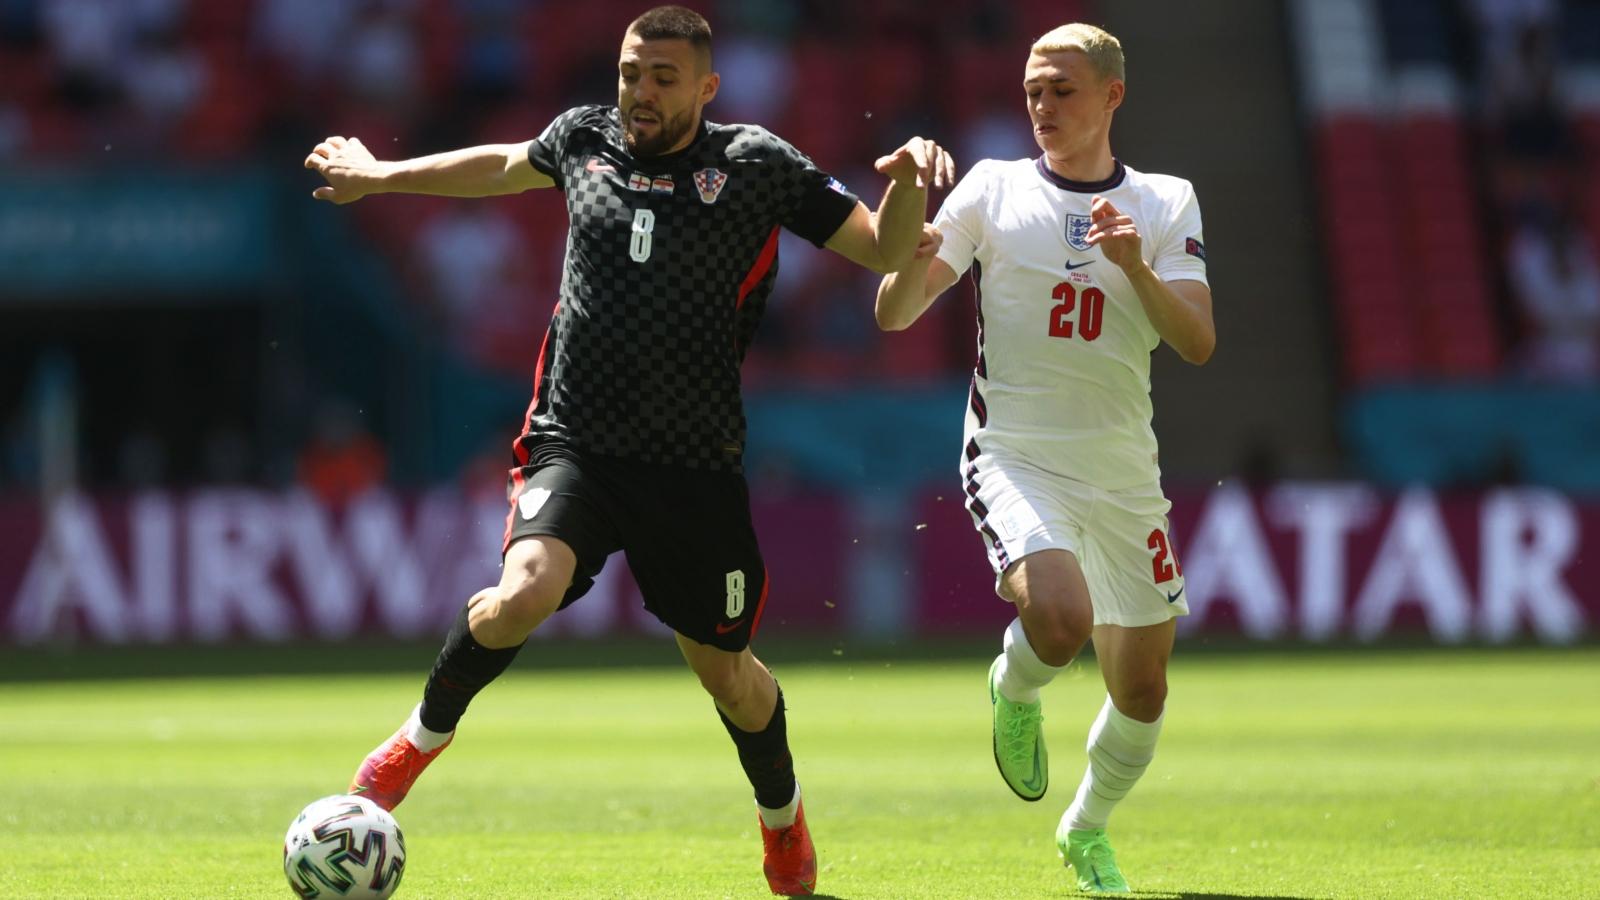 TRỰC TIẾP ĐT Anh 0 - 0 Croatia: Cột dọc từ chối siêu phẩm của Foden